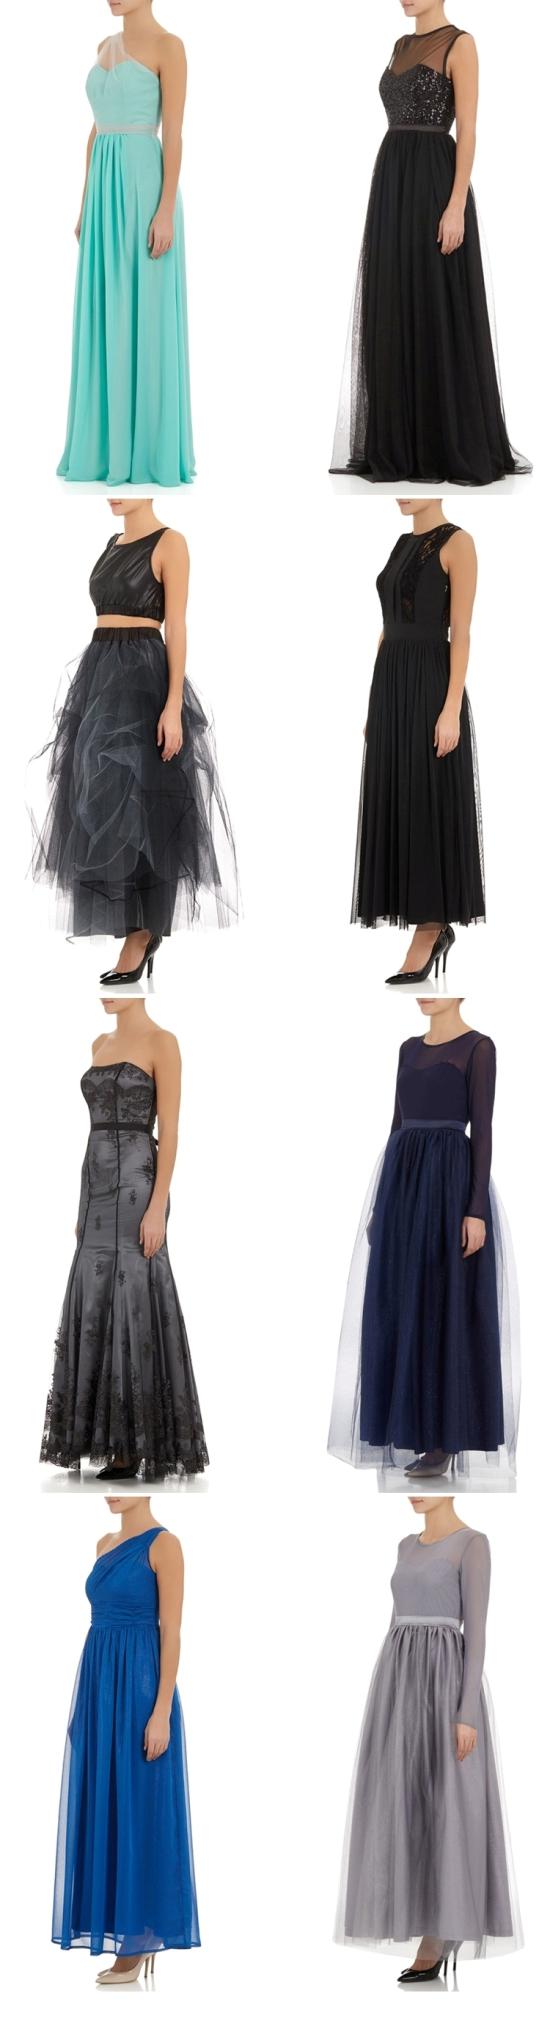 spree.co.za occasion dresses